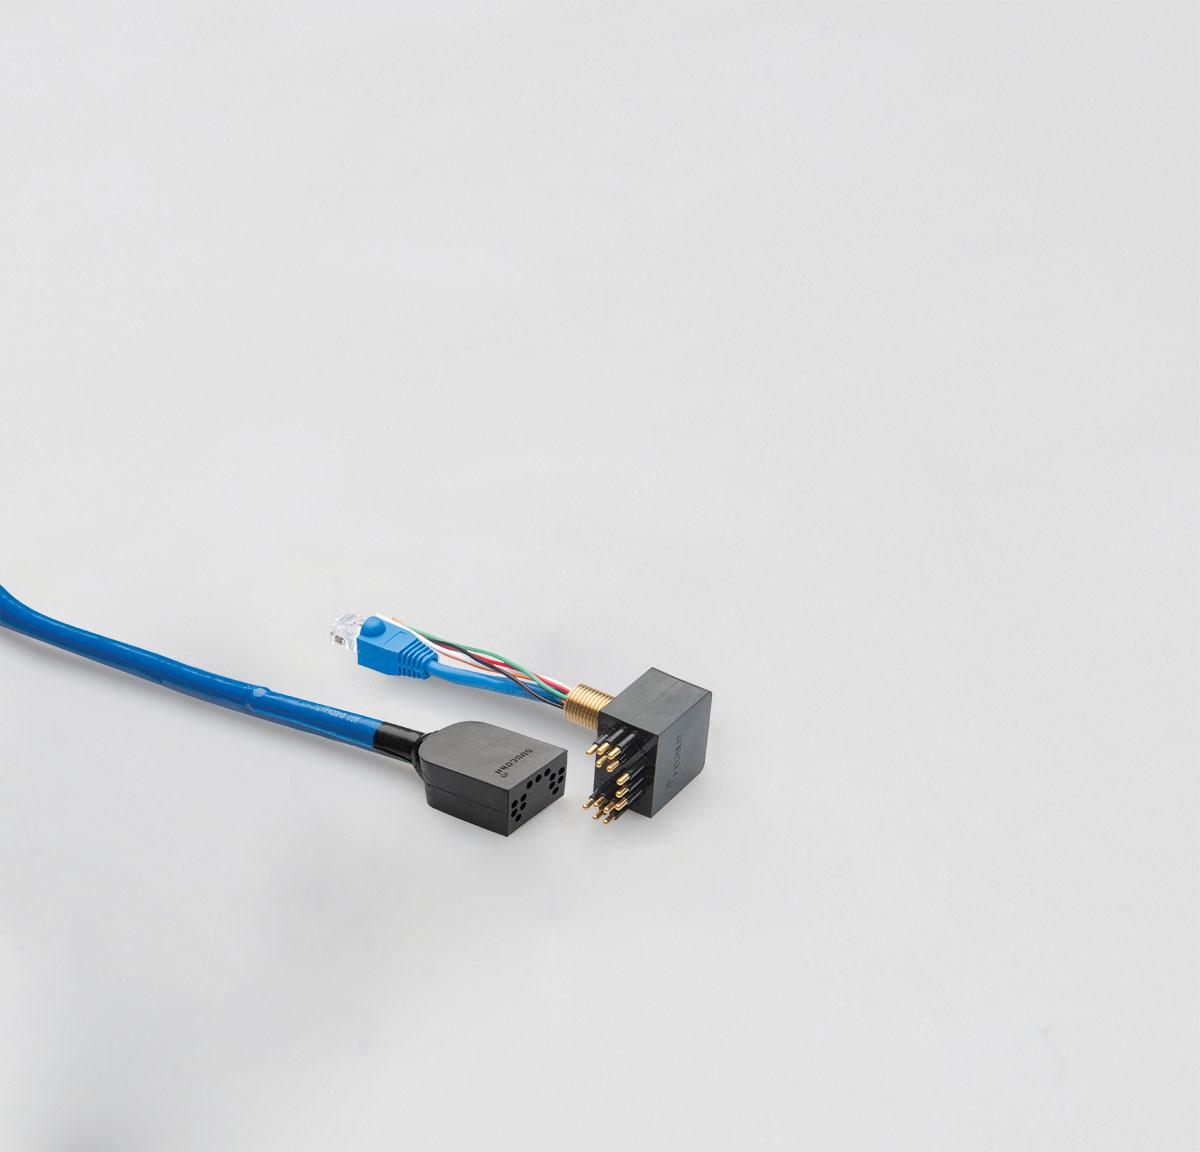 13 pin socket wiring diagram 12 plug [ 1120 x 718 Pixel ]